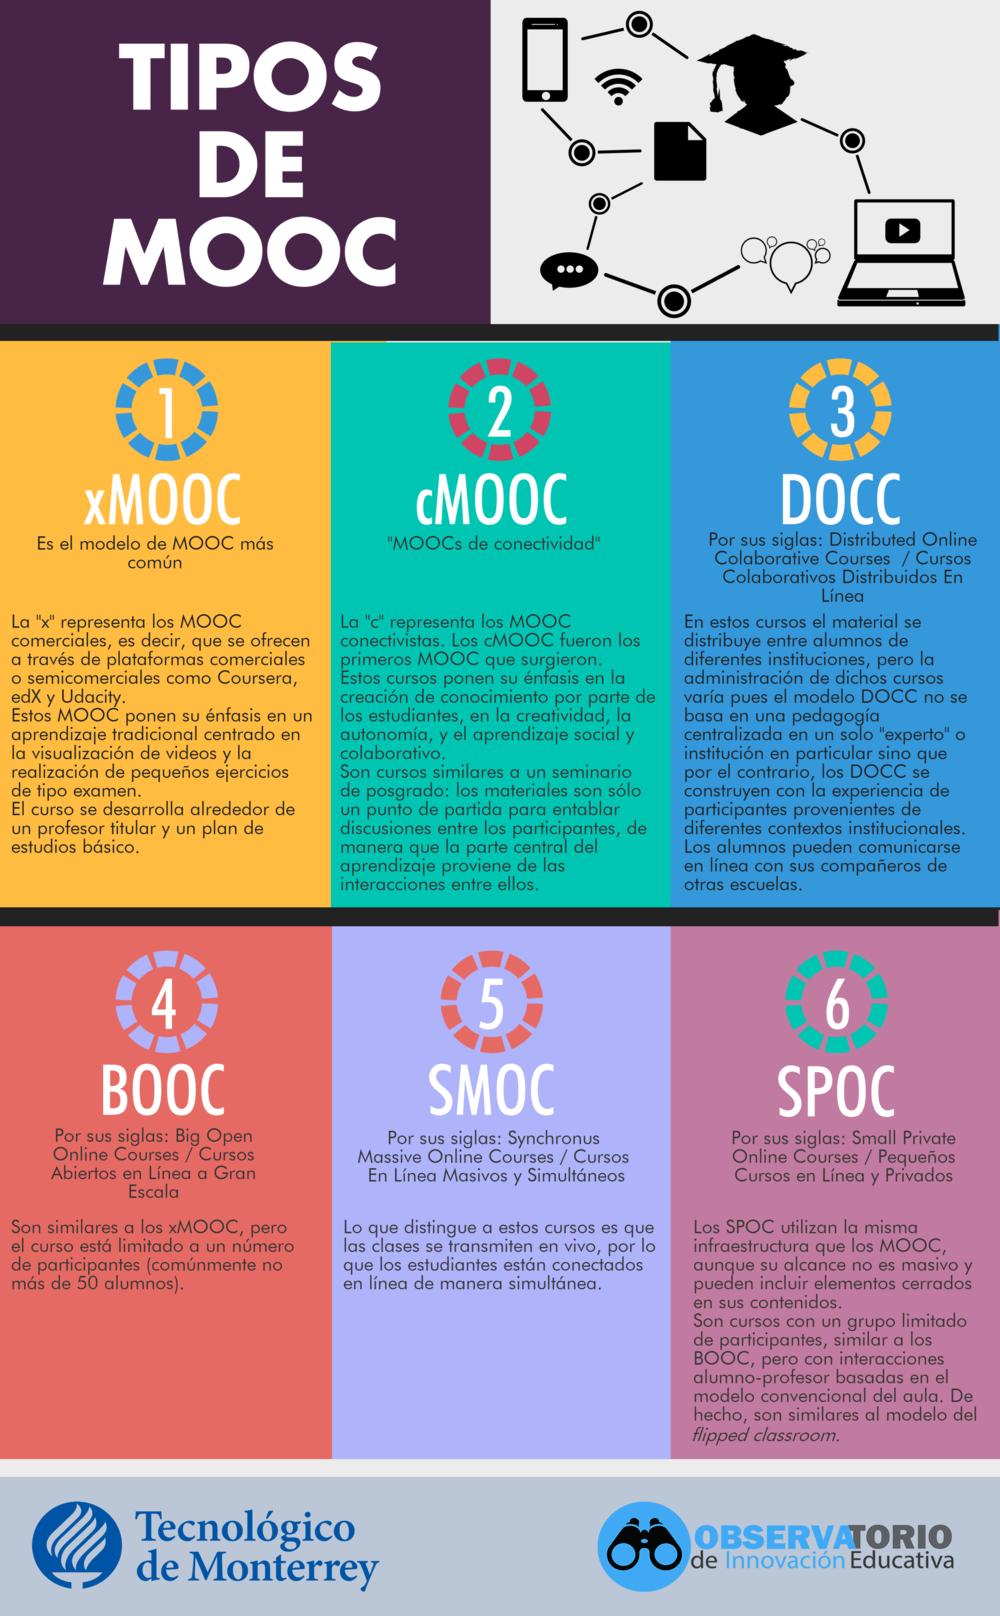 Tipos de MOOC